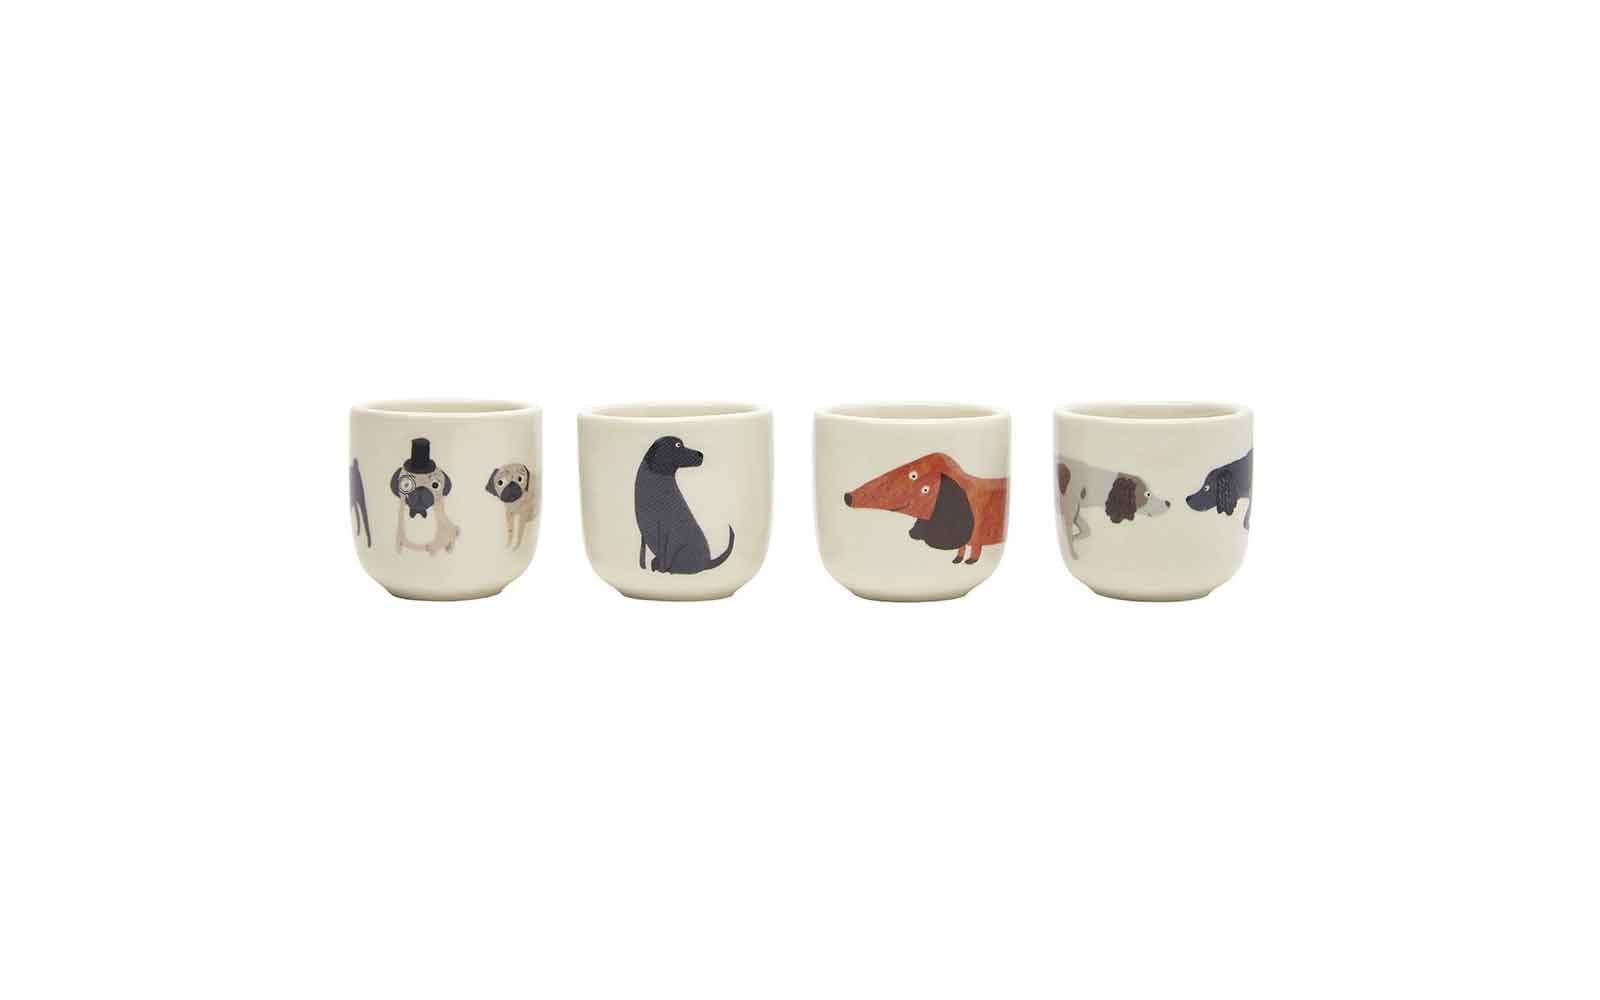 Set of 4 Dog Egg Cups